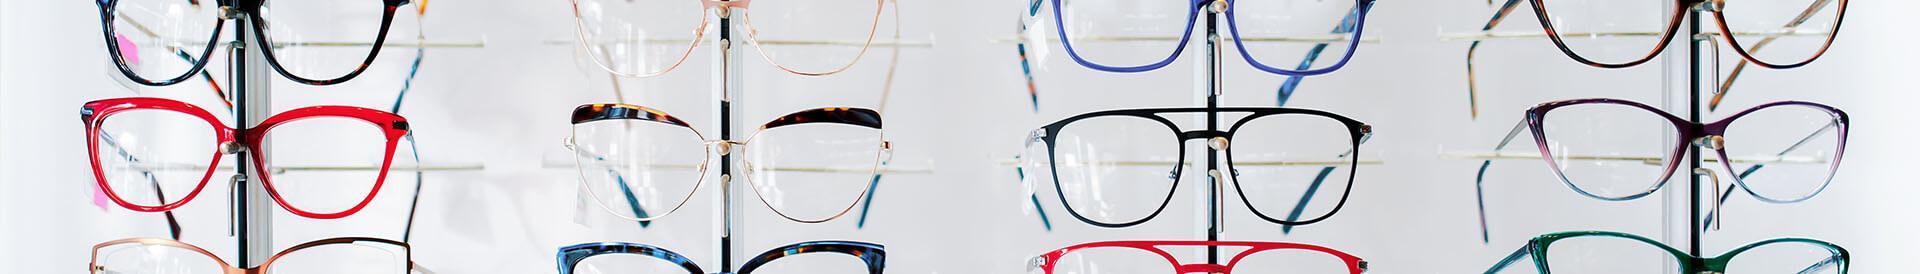 Wystawa oprawek okularów